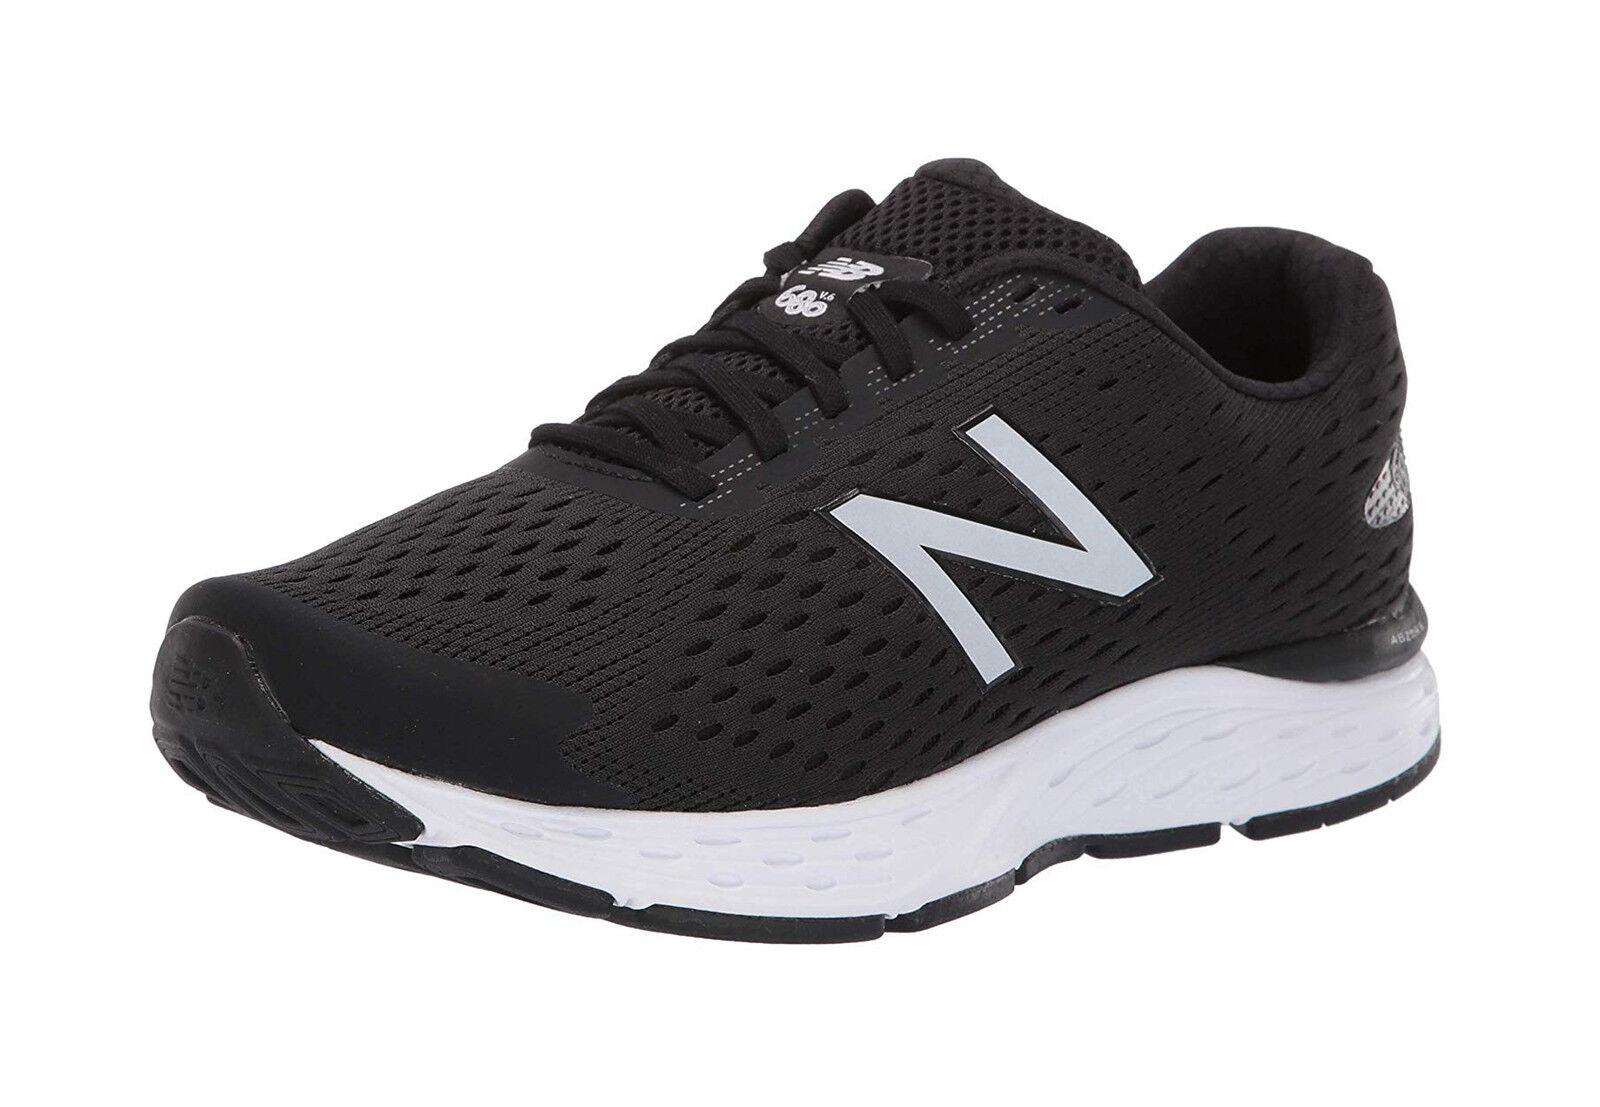 4ef019af Men's 680v6 Balance New Running White Black - M680LK6 shoes ...